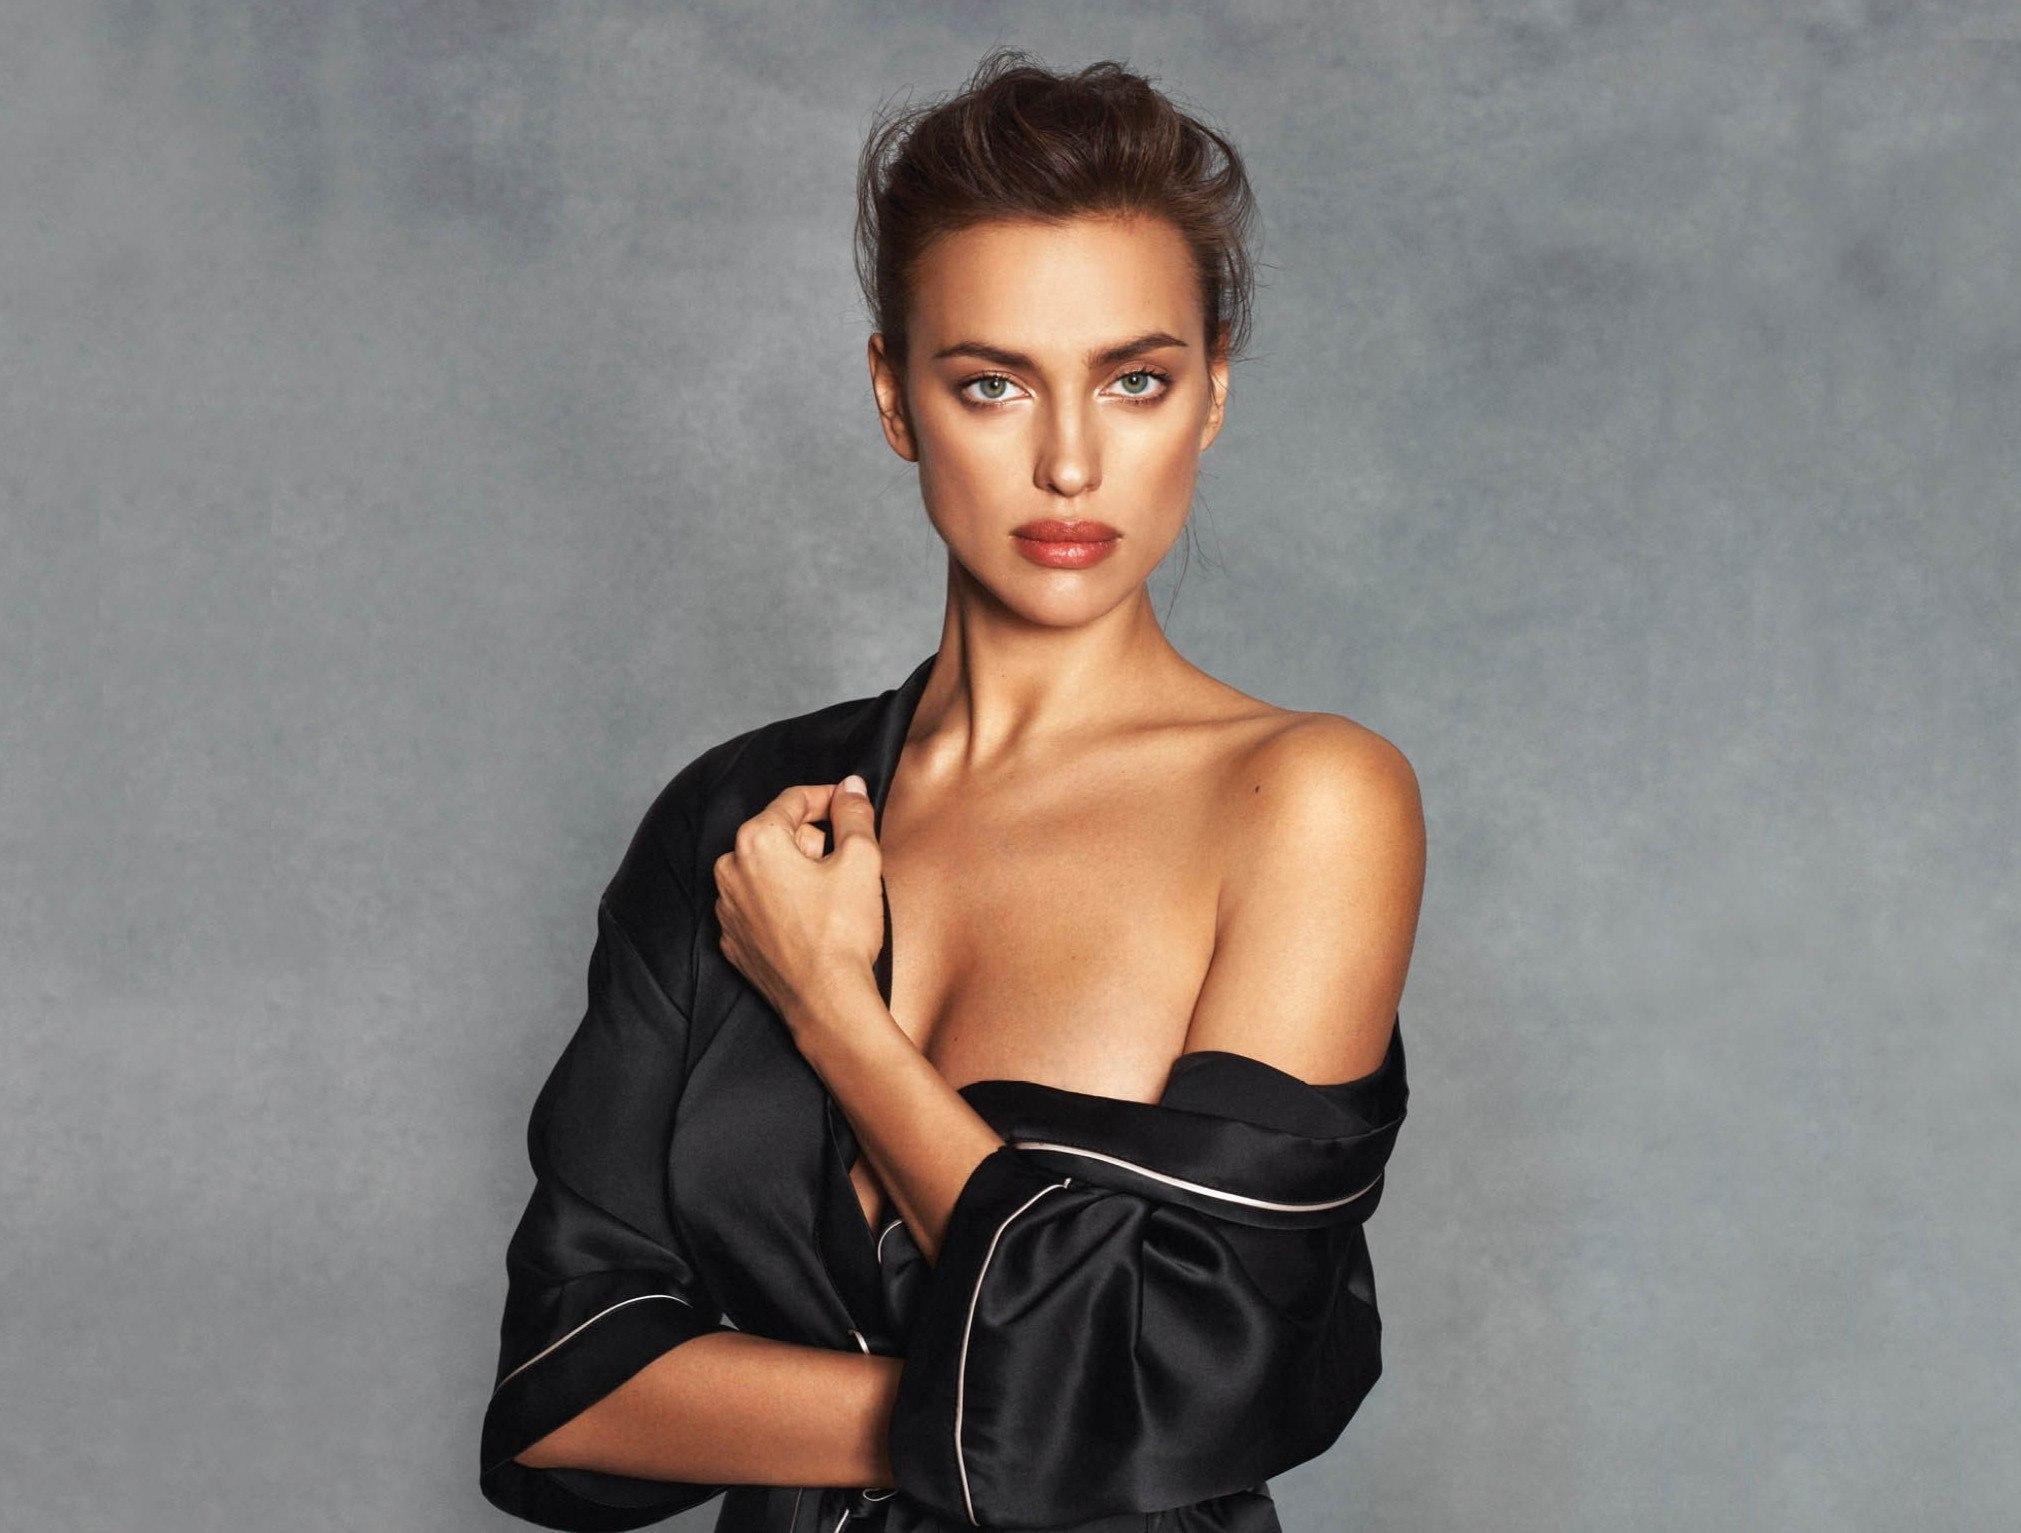 всех формах фото российских популярных моделей как ехали